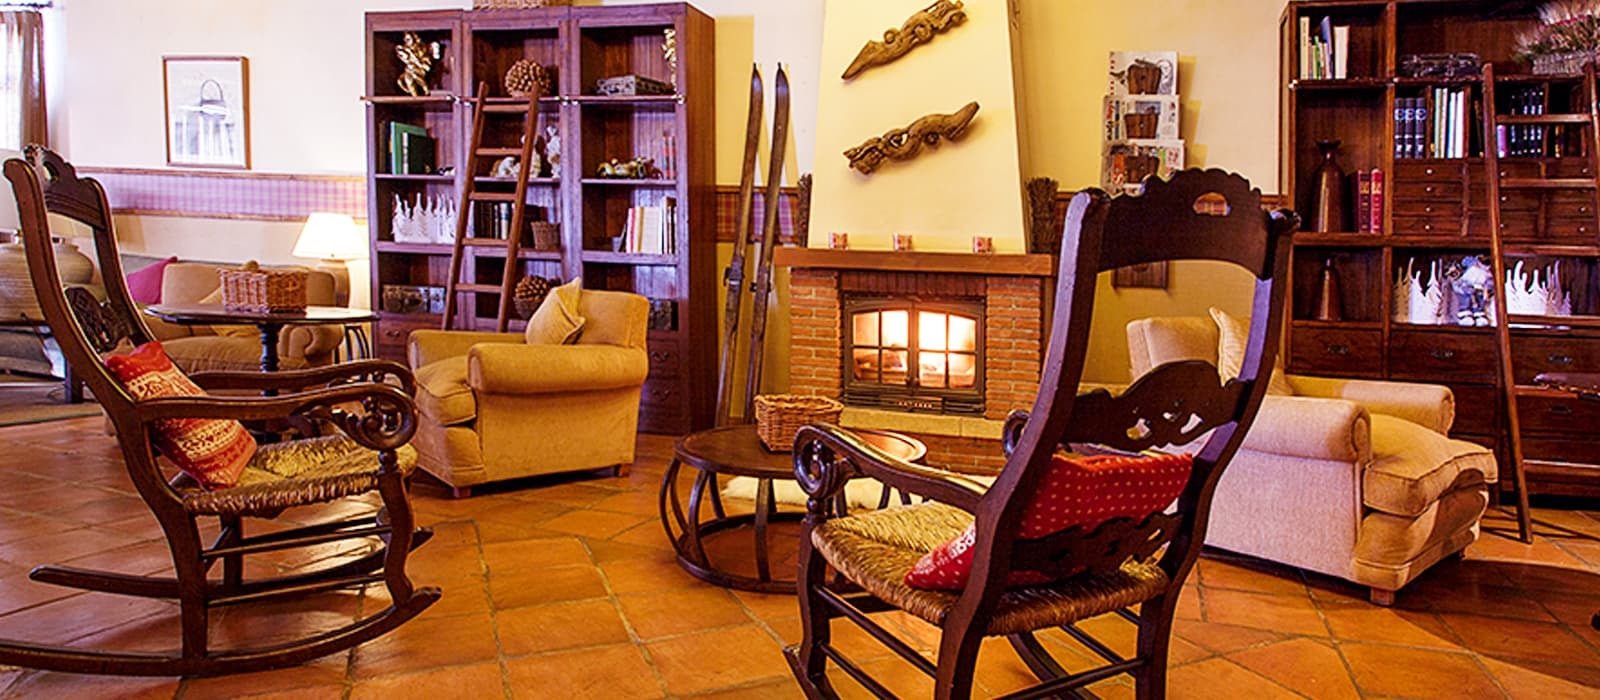 Vincci Selección Rumaykiyya 5* - Sierra Nevada - Granada